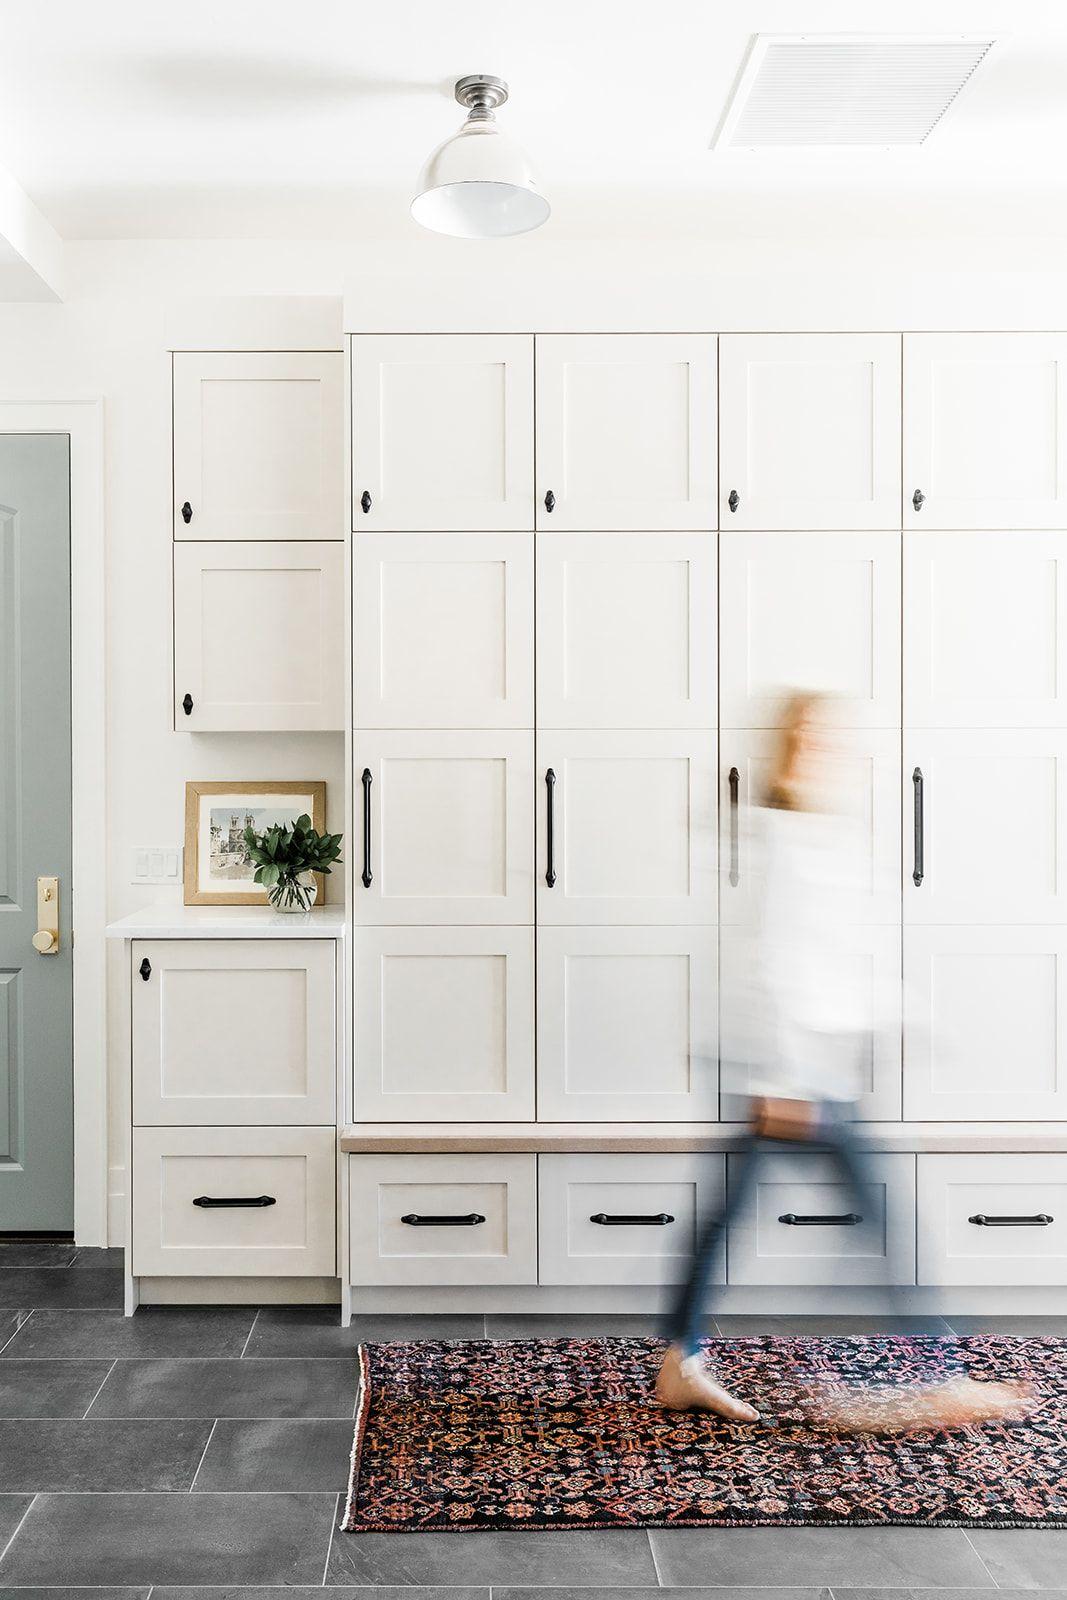 White Mud Room Built Ins Vintage Rug Slate Tile Floors Black Hardware Subtle Natural Wood Elements And Gold Design